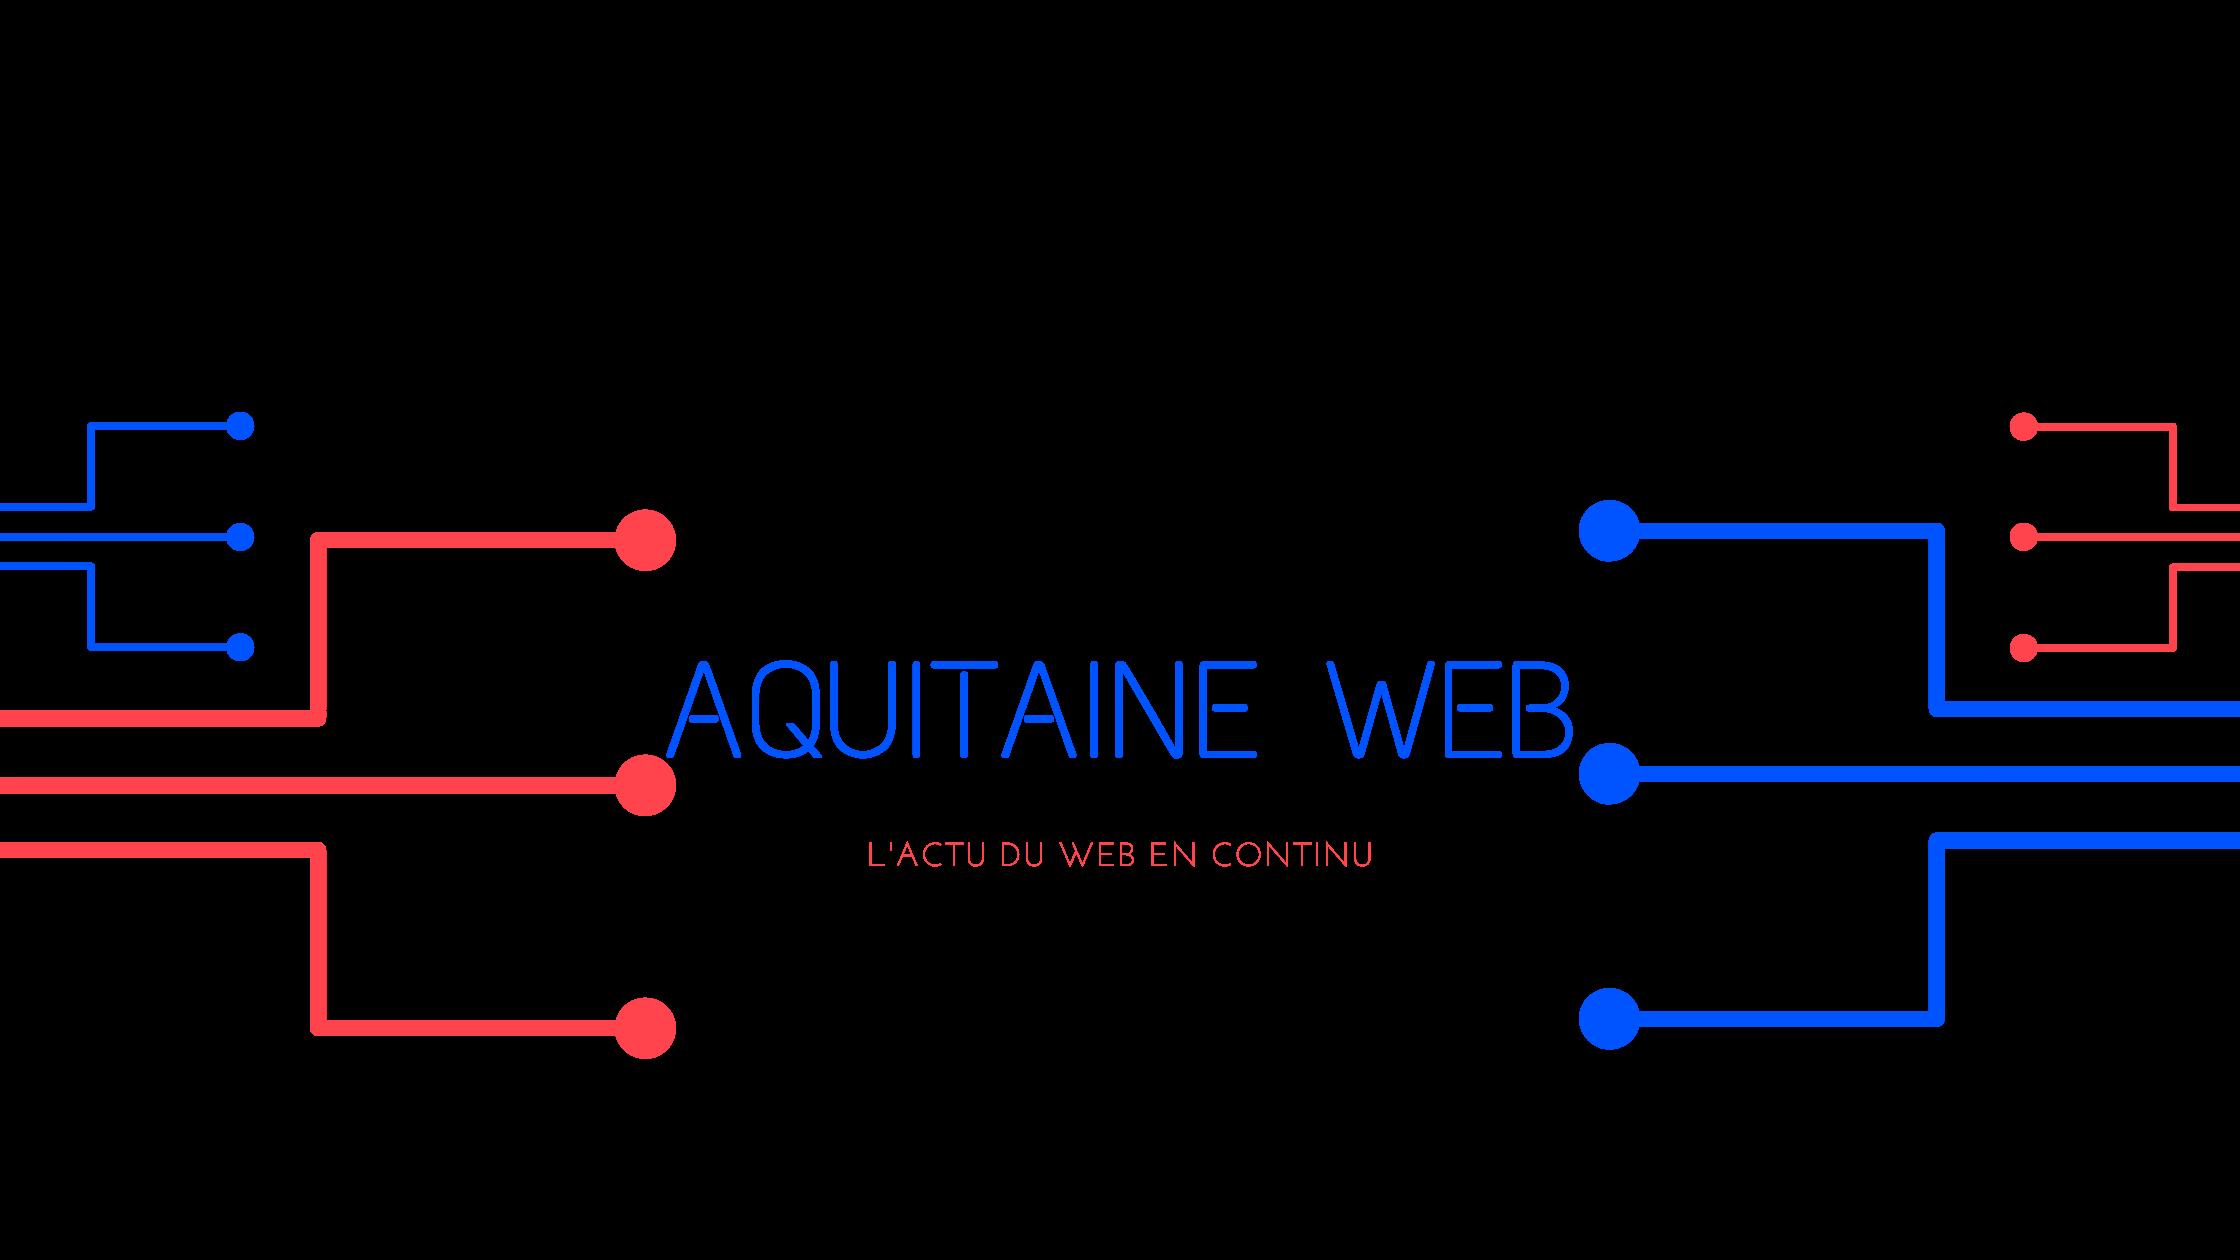 Aquitaine web